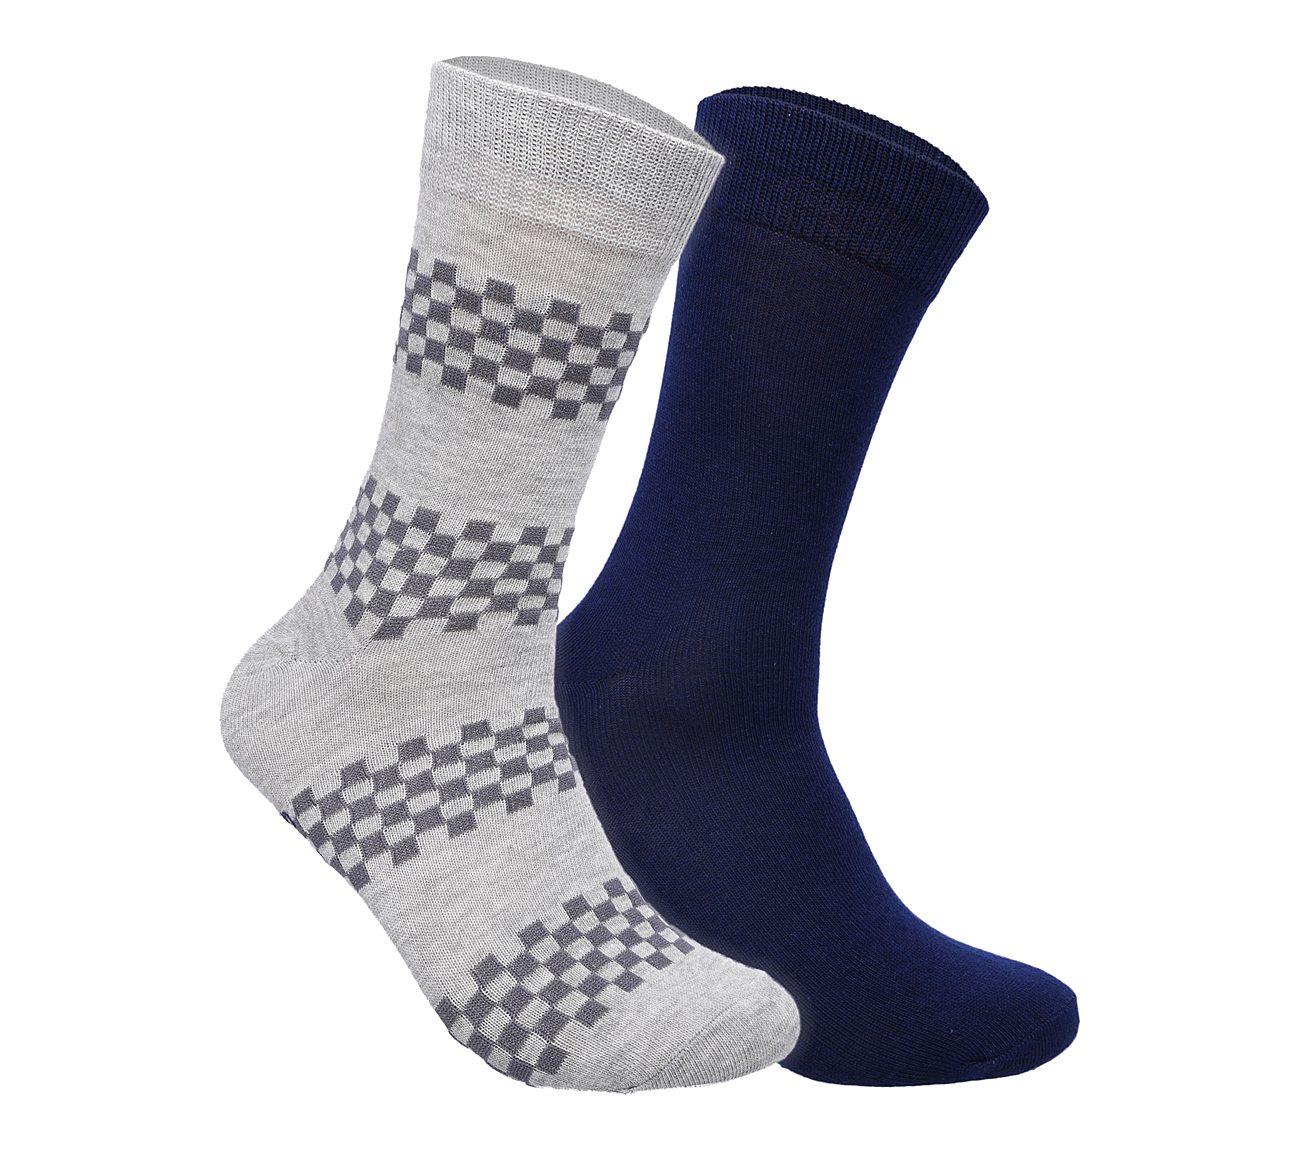 2 Pack Casual Crew Socks